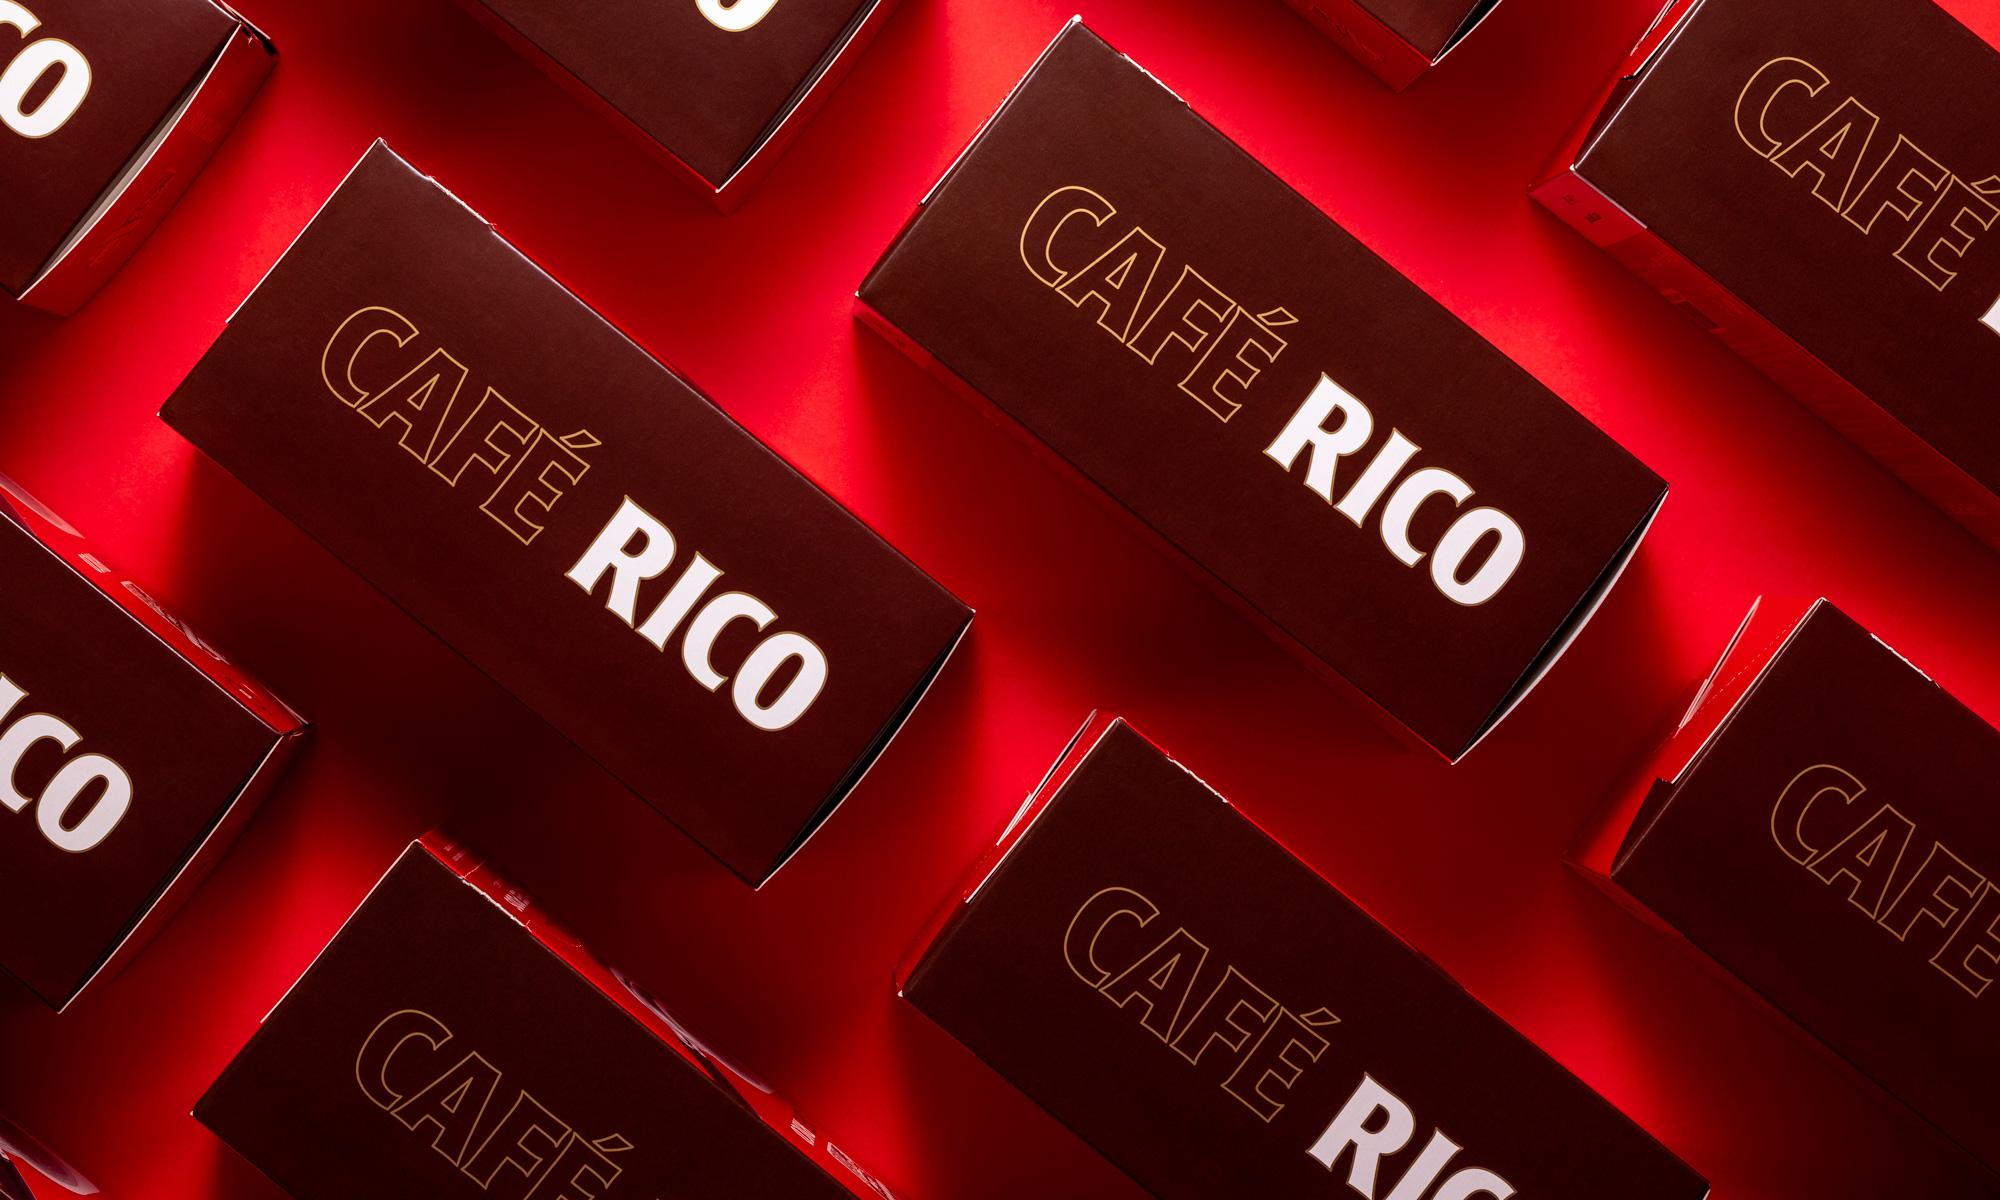 Studio Projet Revisiting a Classic for Noir Café Rico